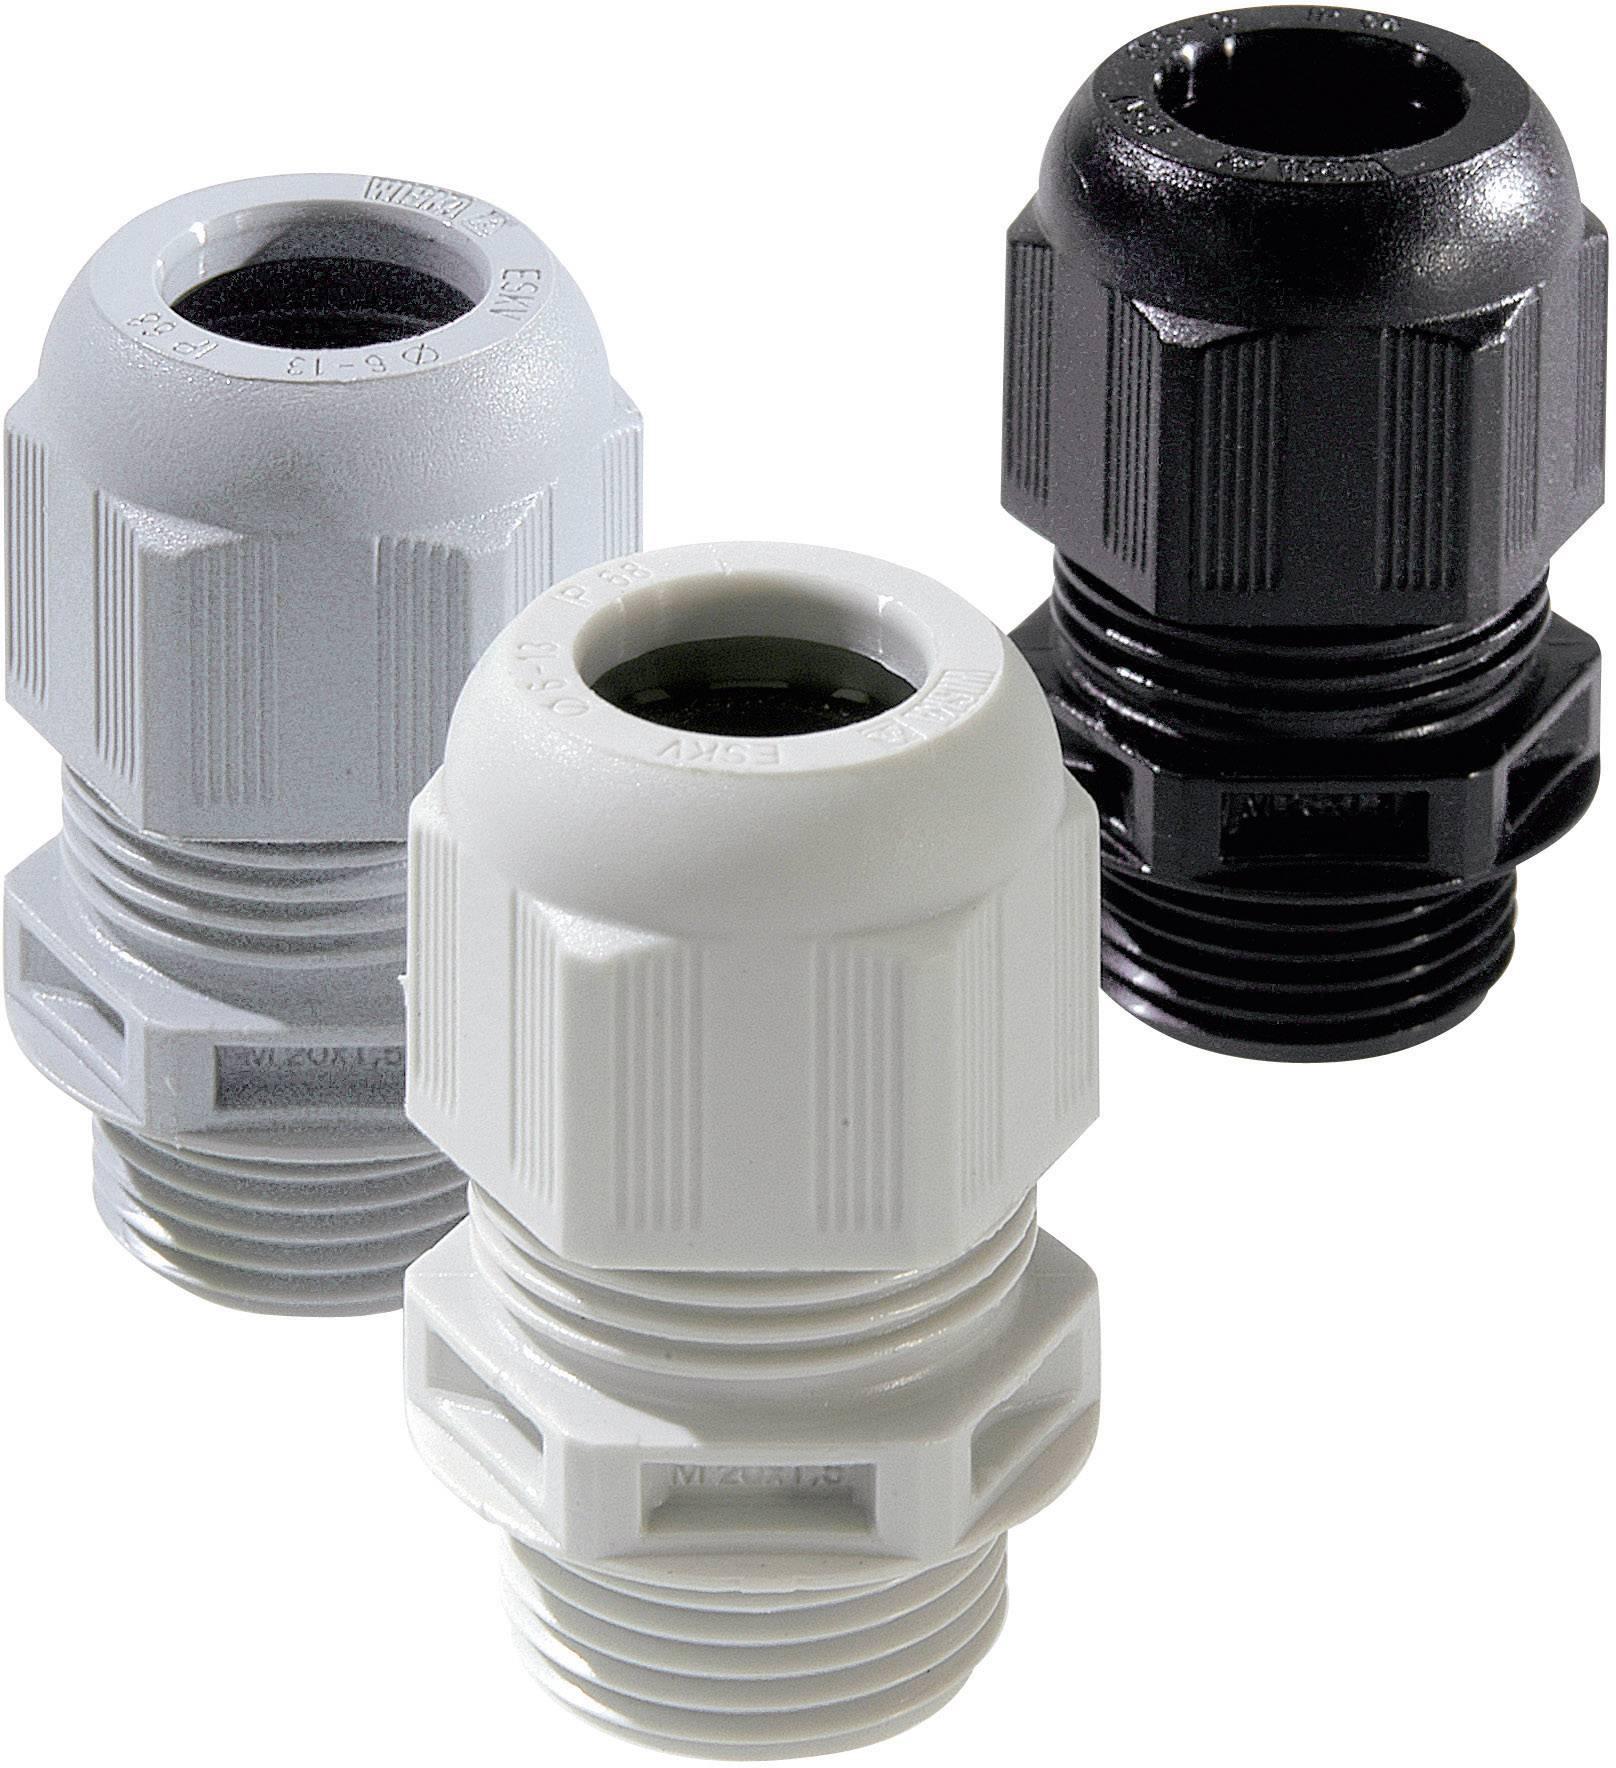 Káblová priechodka Wiska ESKV M50 RAL 7001, polyamid, striebornosivá, 1 ks